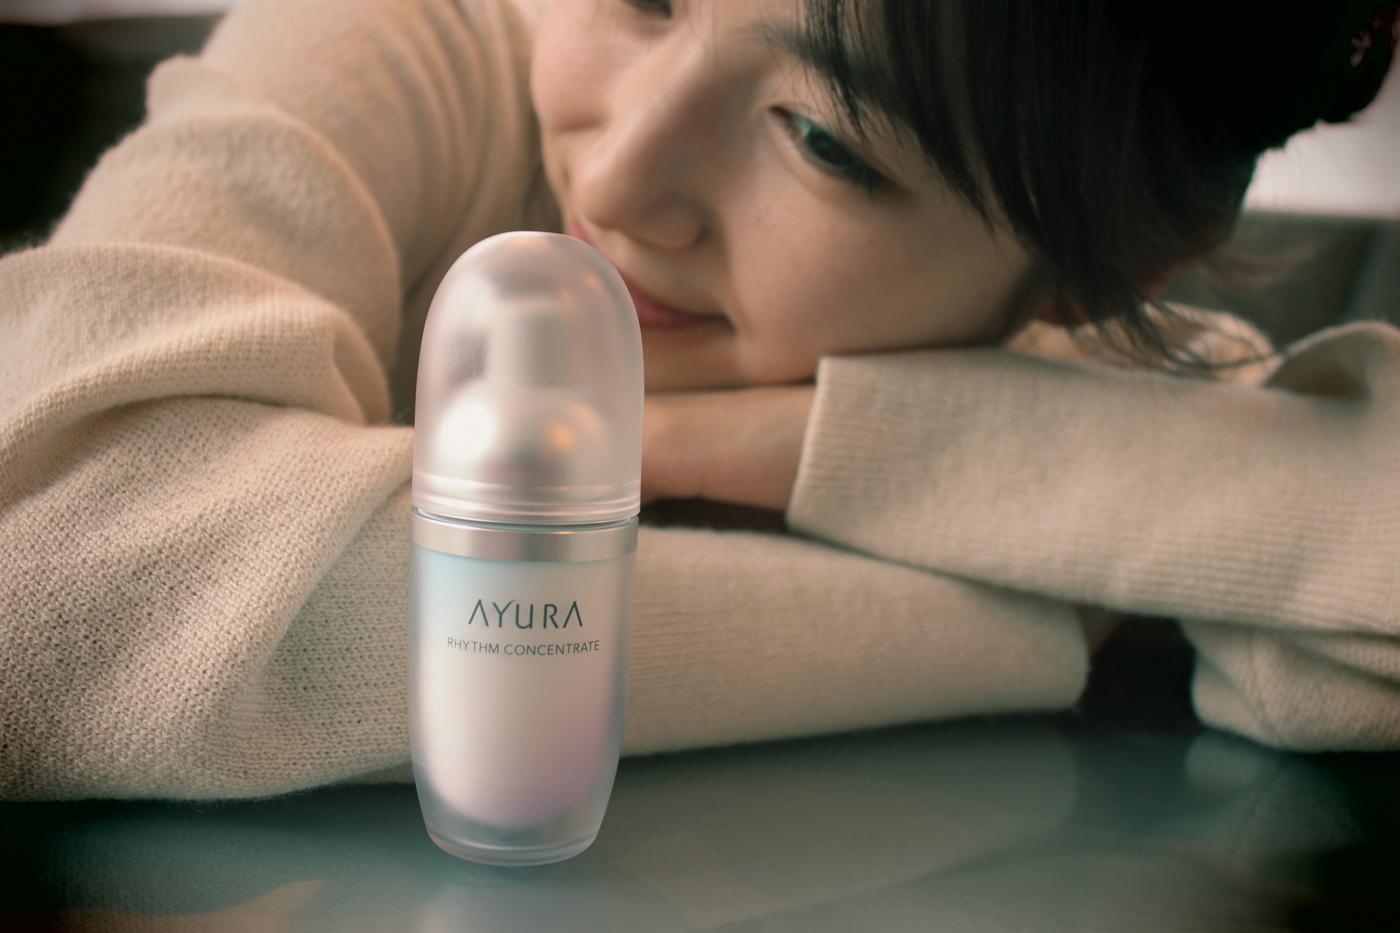 ゆらぎ肌にご褒美を。アユーラの美容液で叶える心地よいスキンケアの7枚目の画像